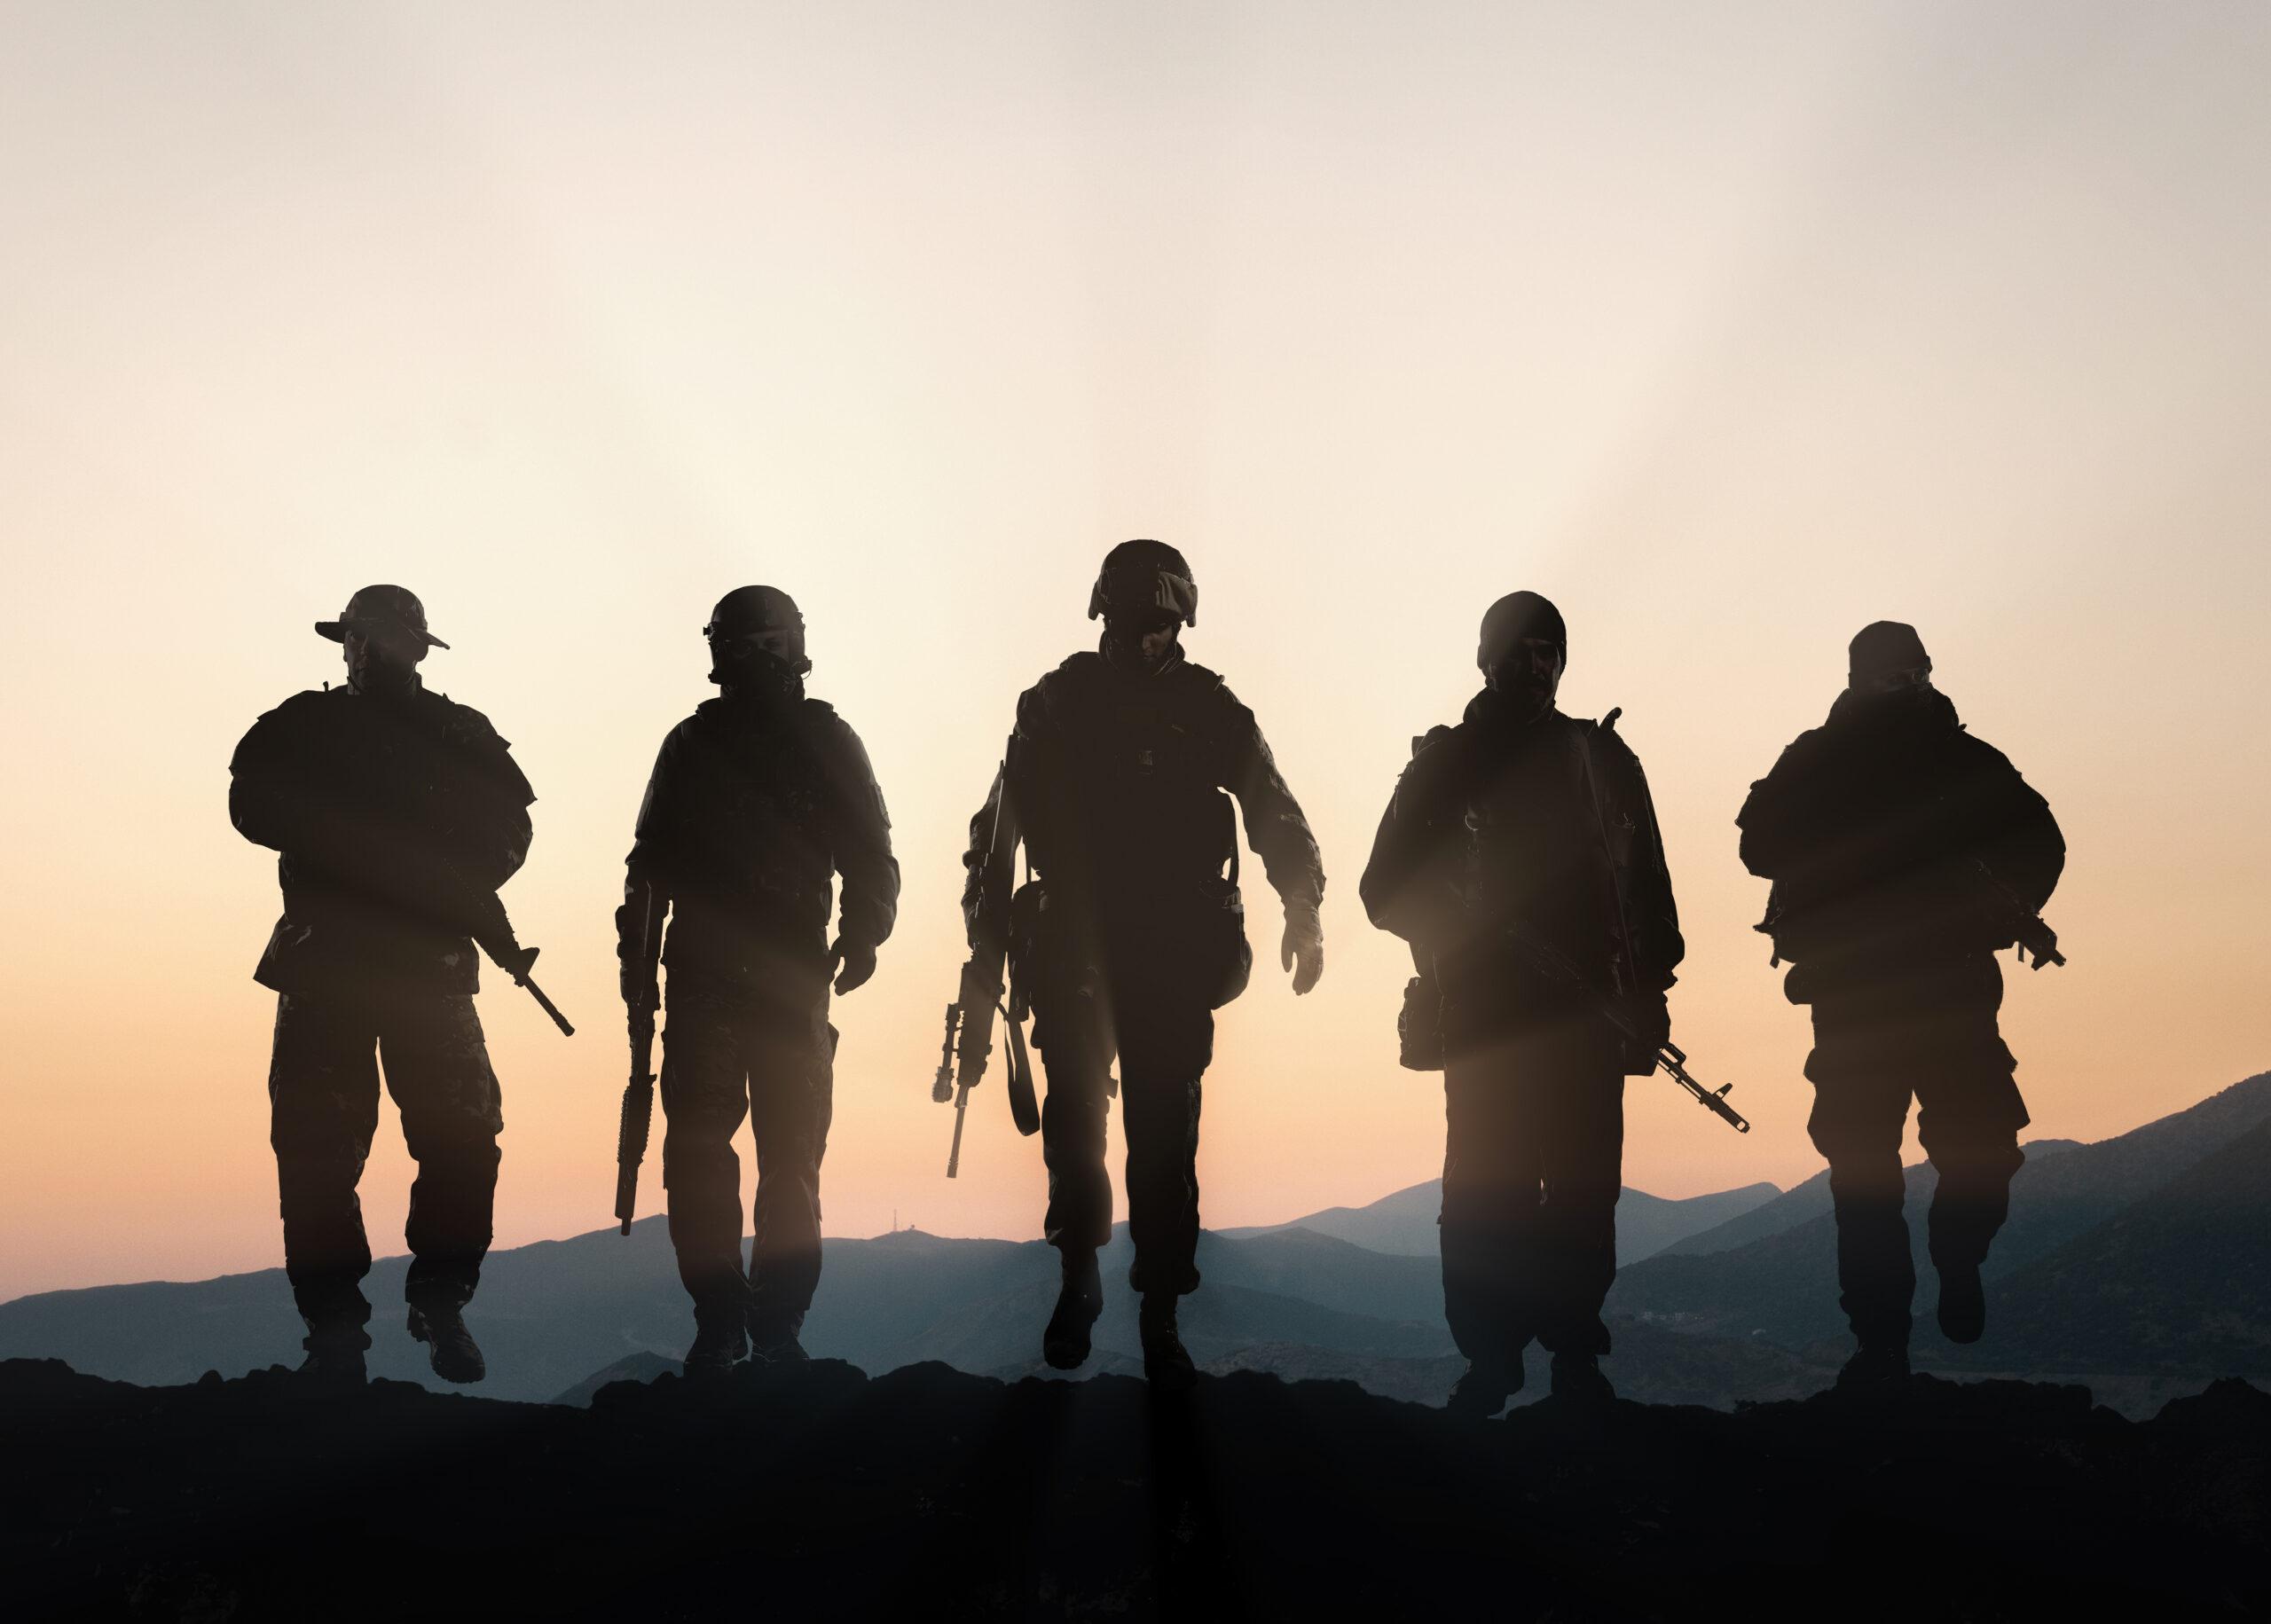 Soldater från Australien och Storbritannien begår krigsbrott i Afghanistan